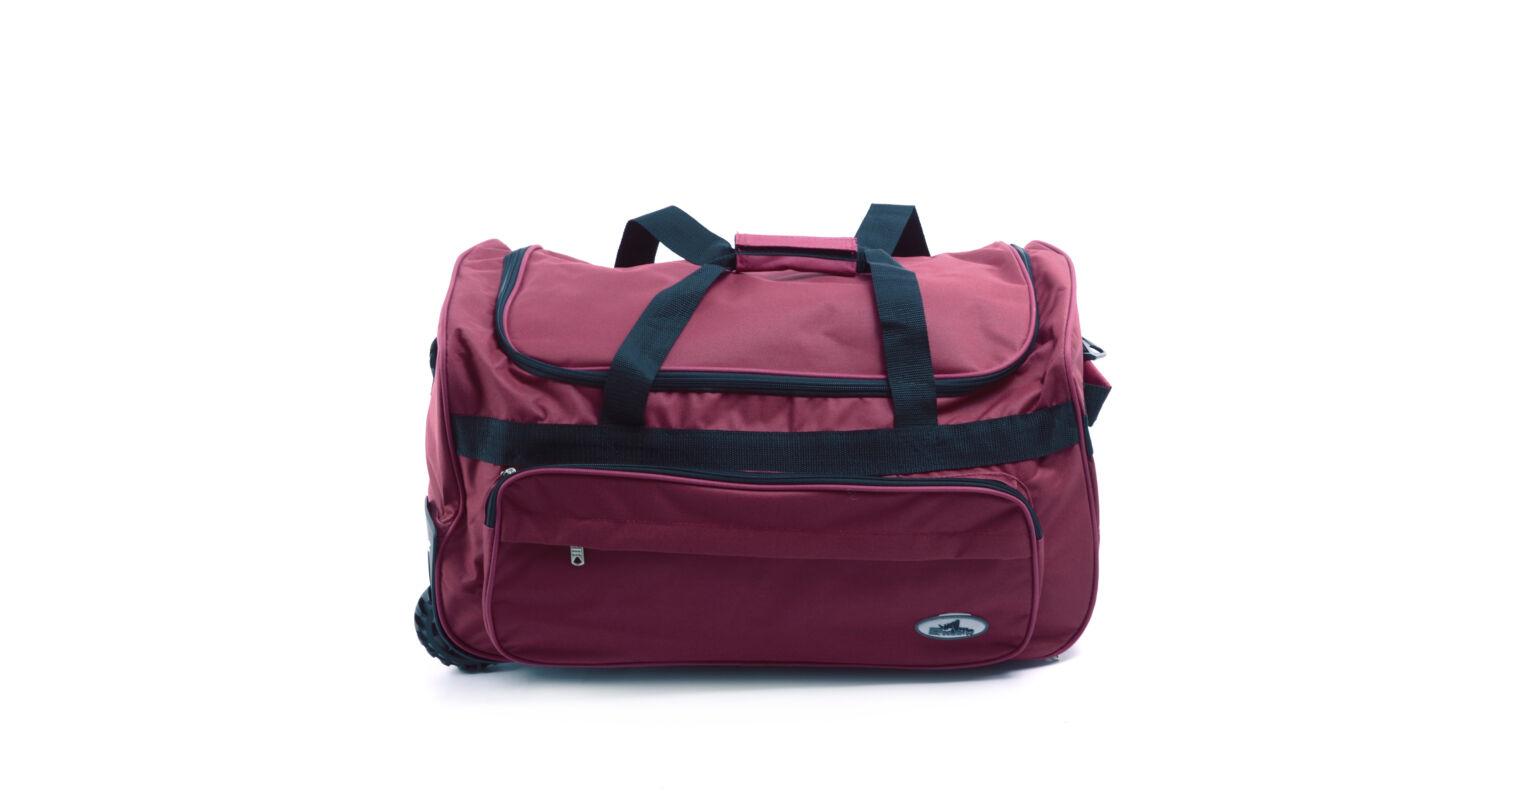 d071b534e8dc Poliészter Gurulós Sporttáska Bordó Kicsi - KIS MÉRETŰ UTAZÓTÁSKA - Táska  webáruház - Minőségi táskák mindenkinek